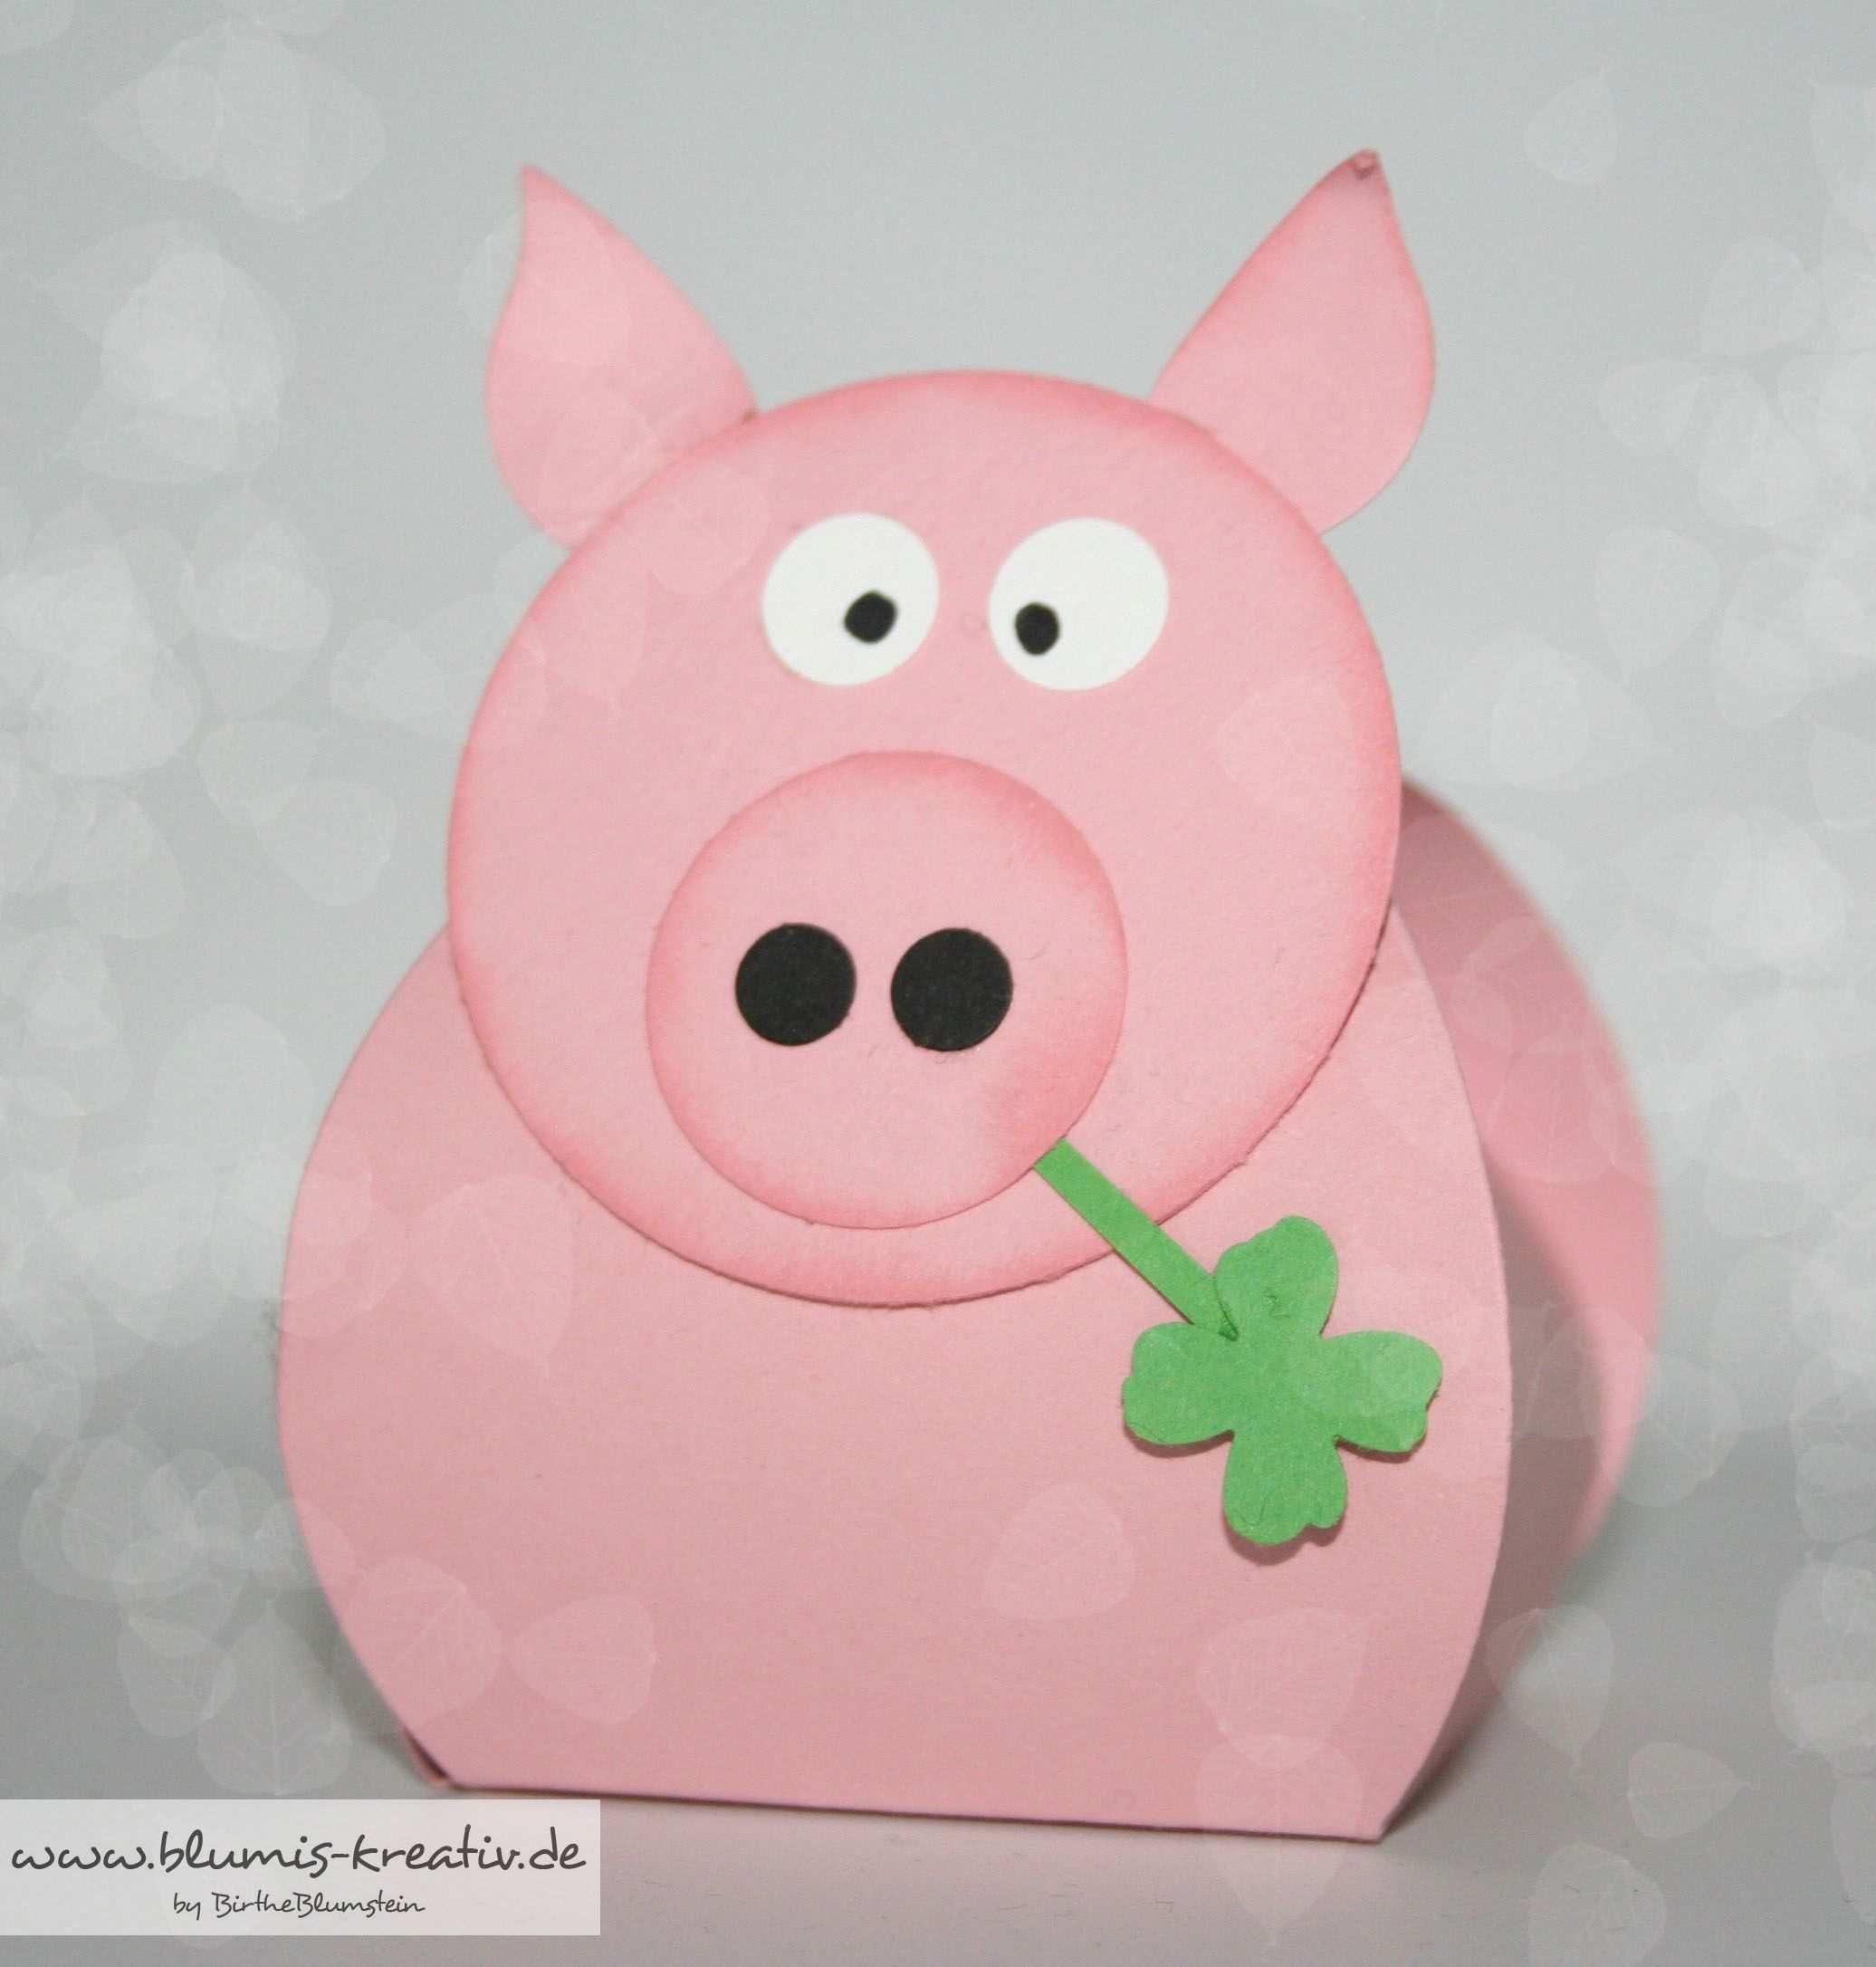 Glucksschwein Zum Neuen Jahr Lucky Pig Basteln Neujahr Basteln Silvester Glucksschweinchen Basteln